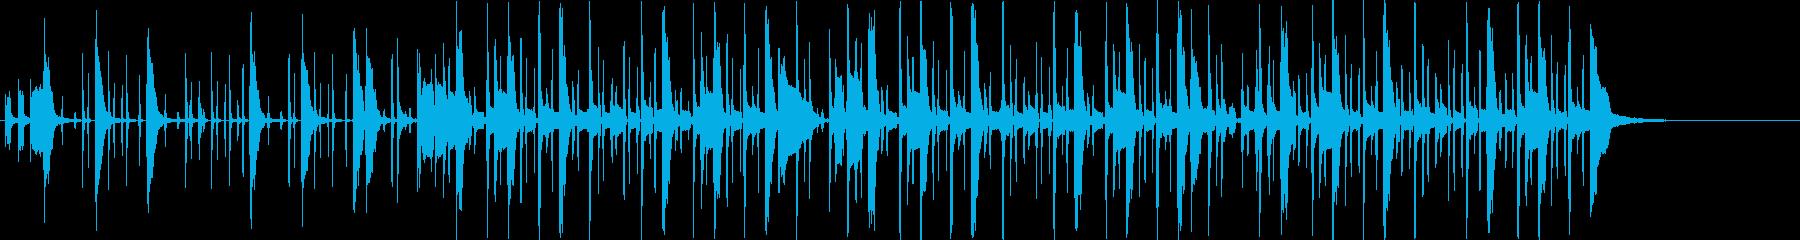 ファンキーなクラビネット の再生済みの波形